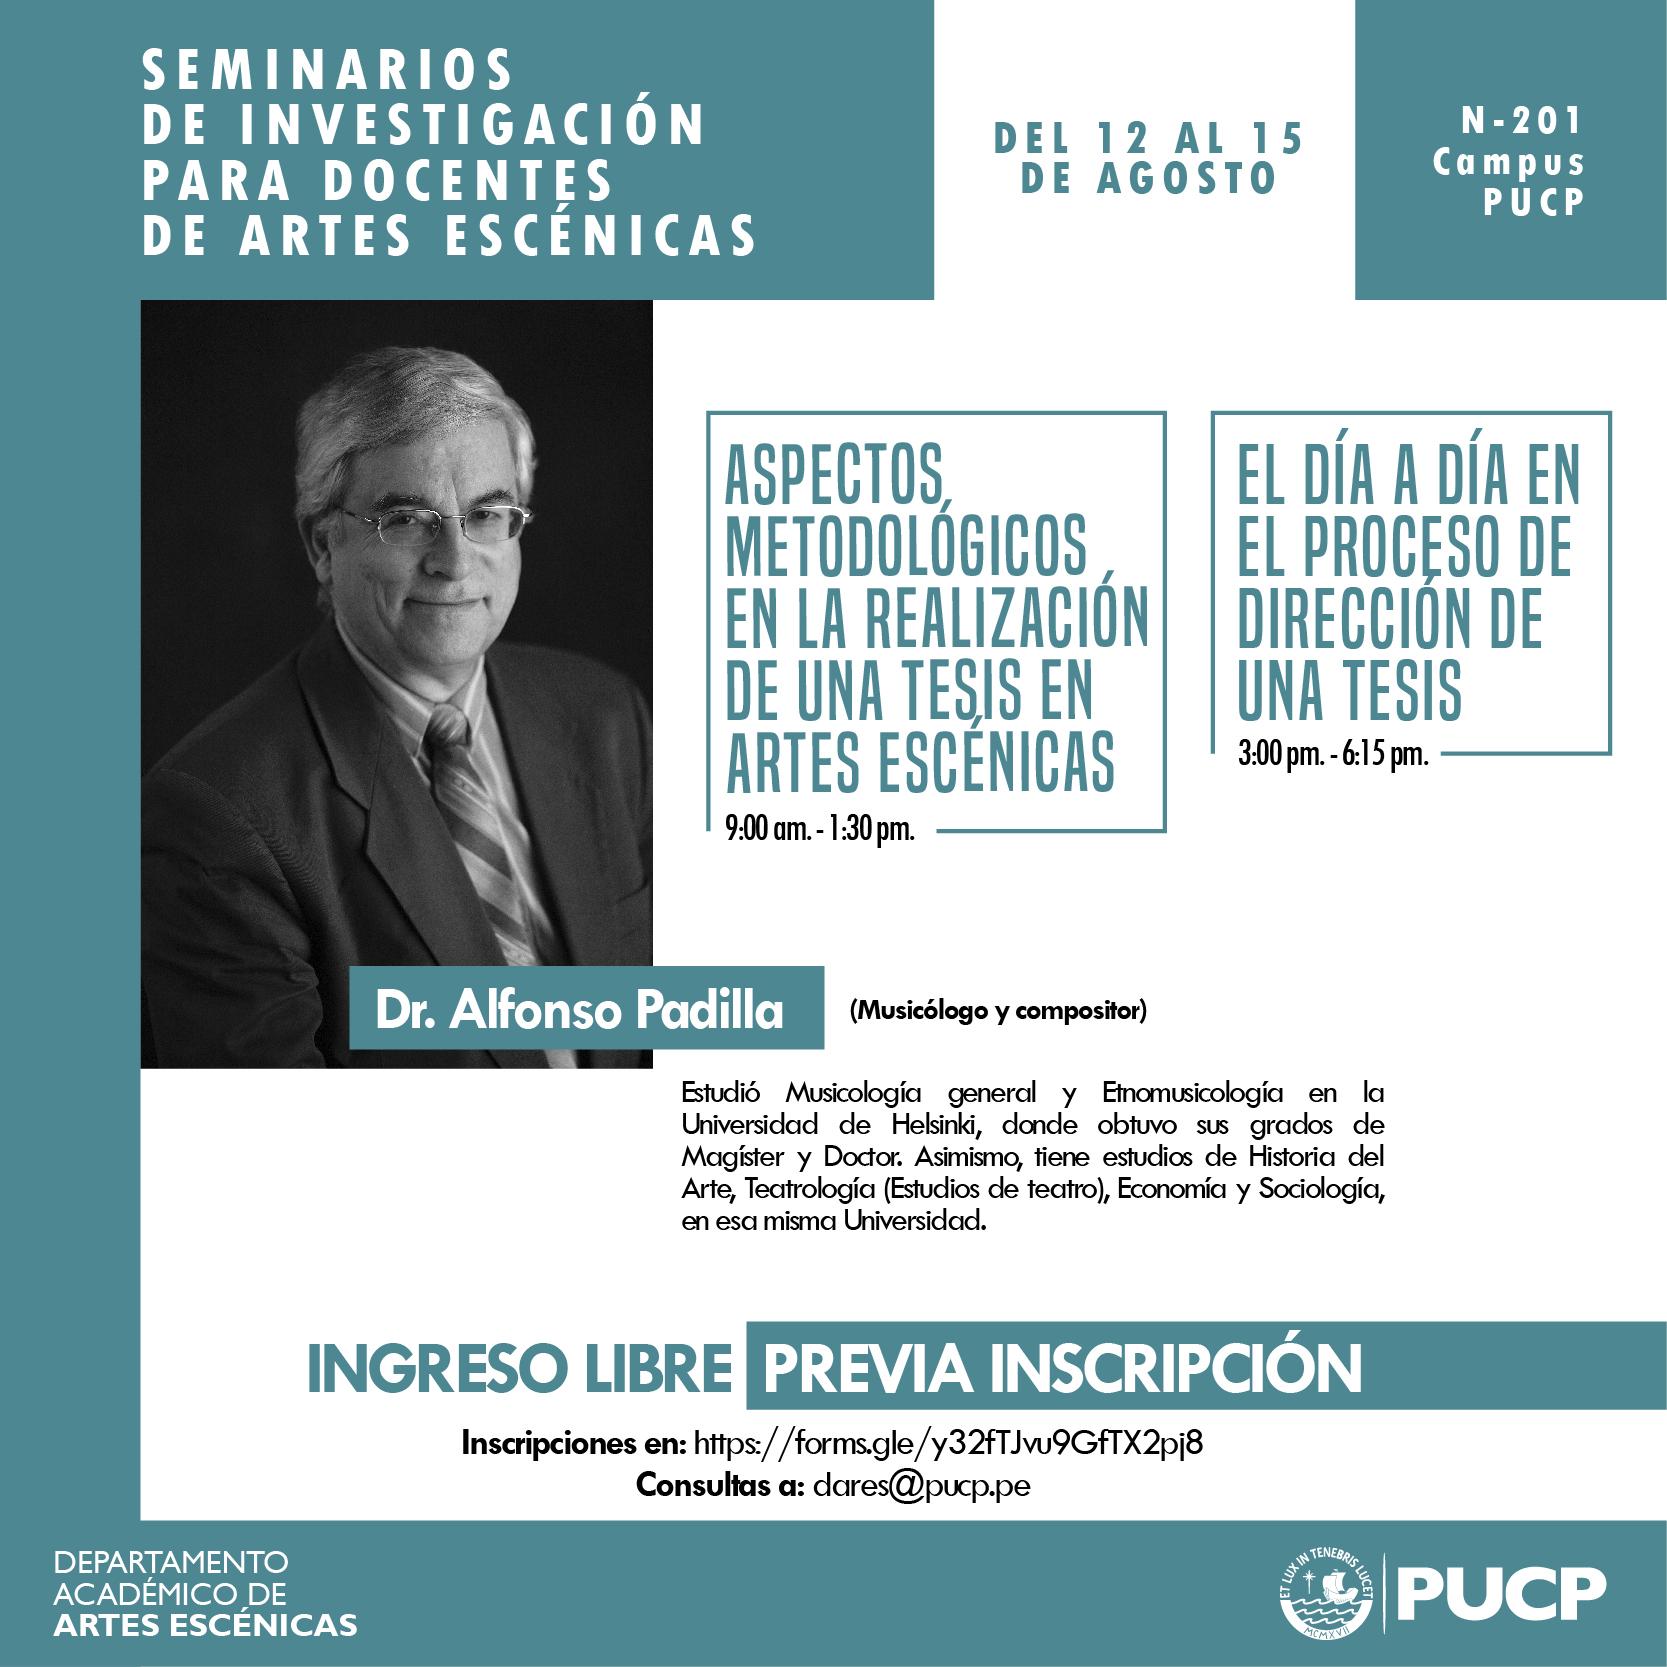 Invitado Internacional: Dr. Alfonso Padilla brinda talleres de investigación